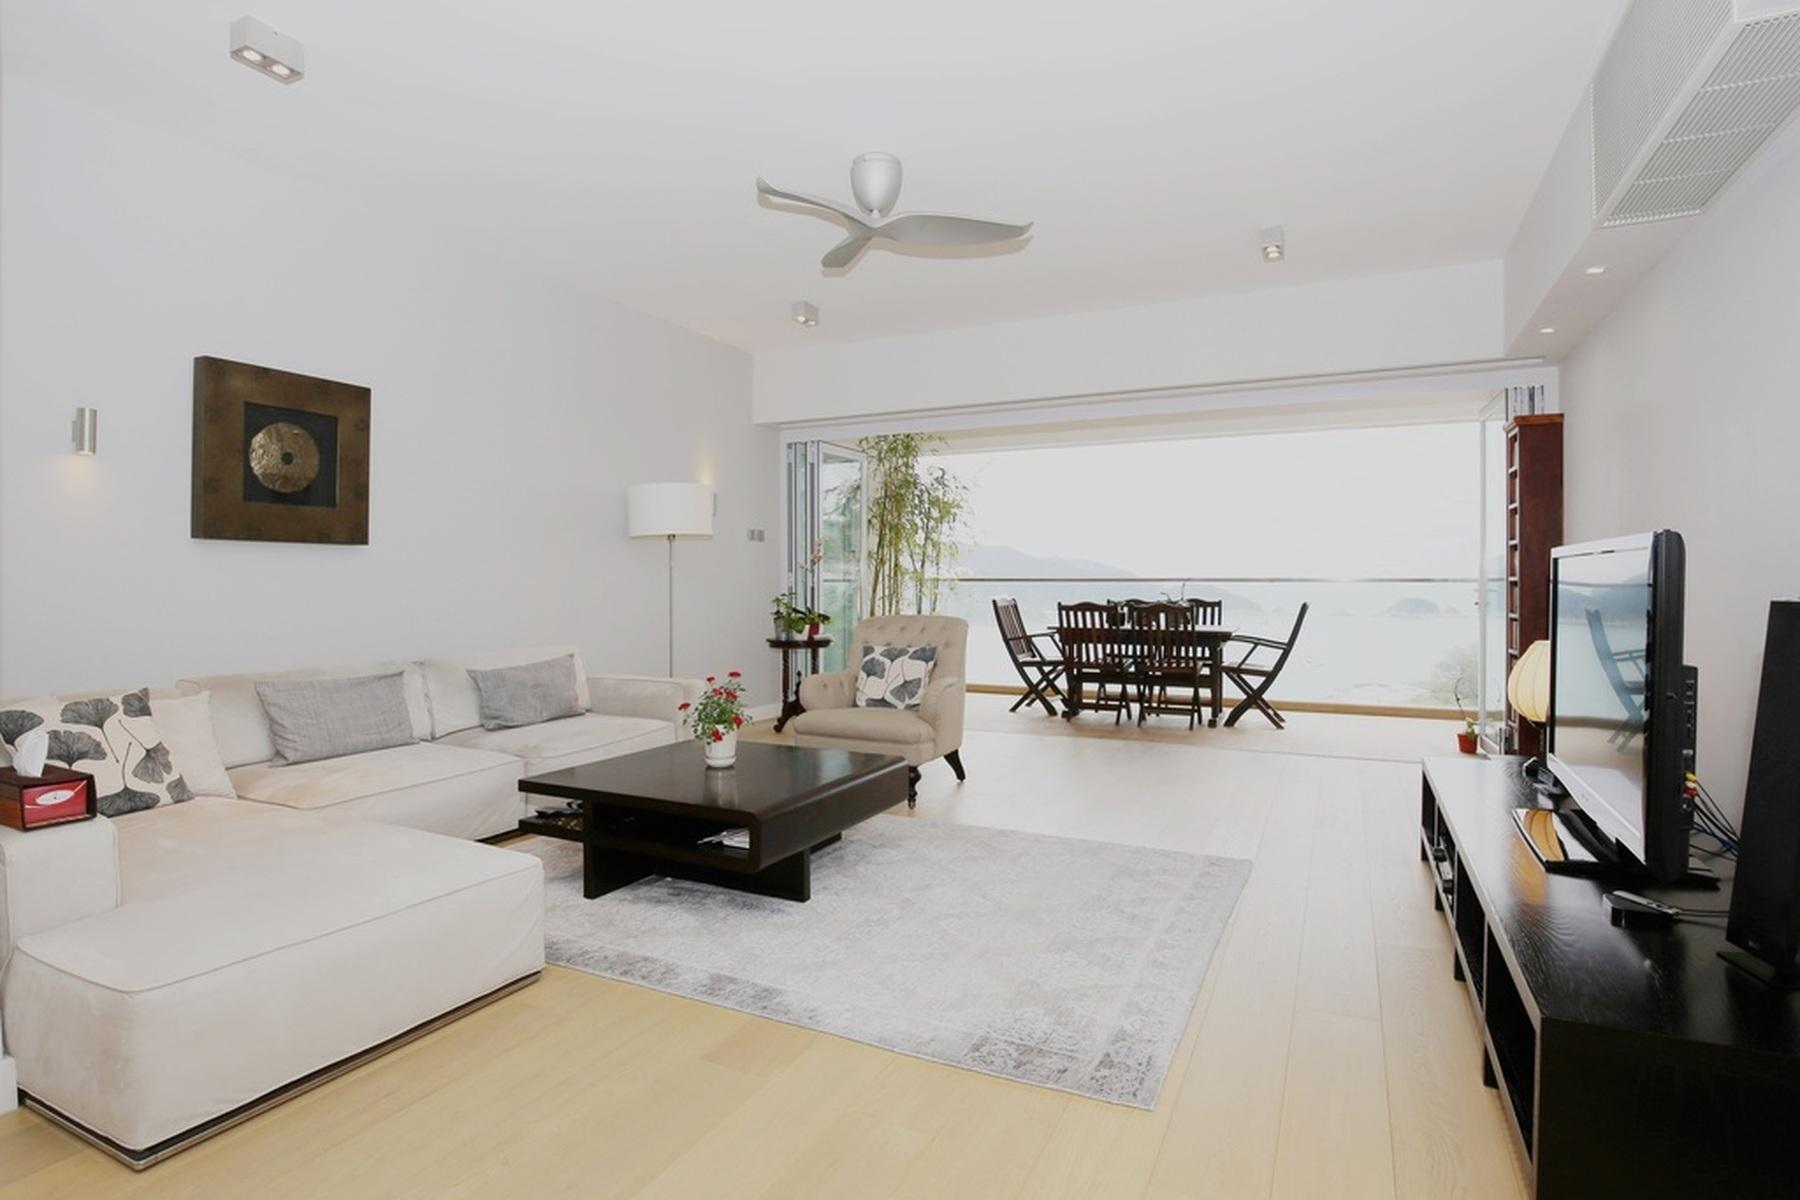 Apartamento para Venda às Repulse Bay Garden - Block 01-02 Repulse Bay, Hong Kong, Hong Kong